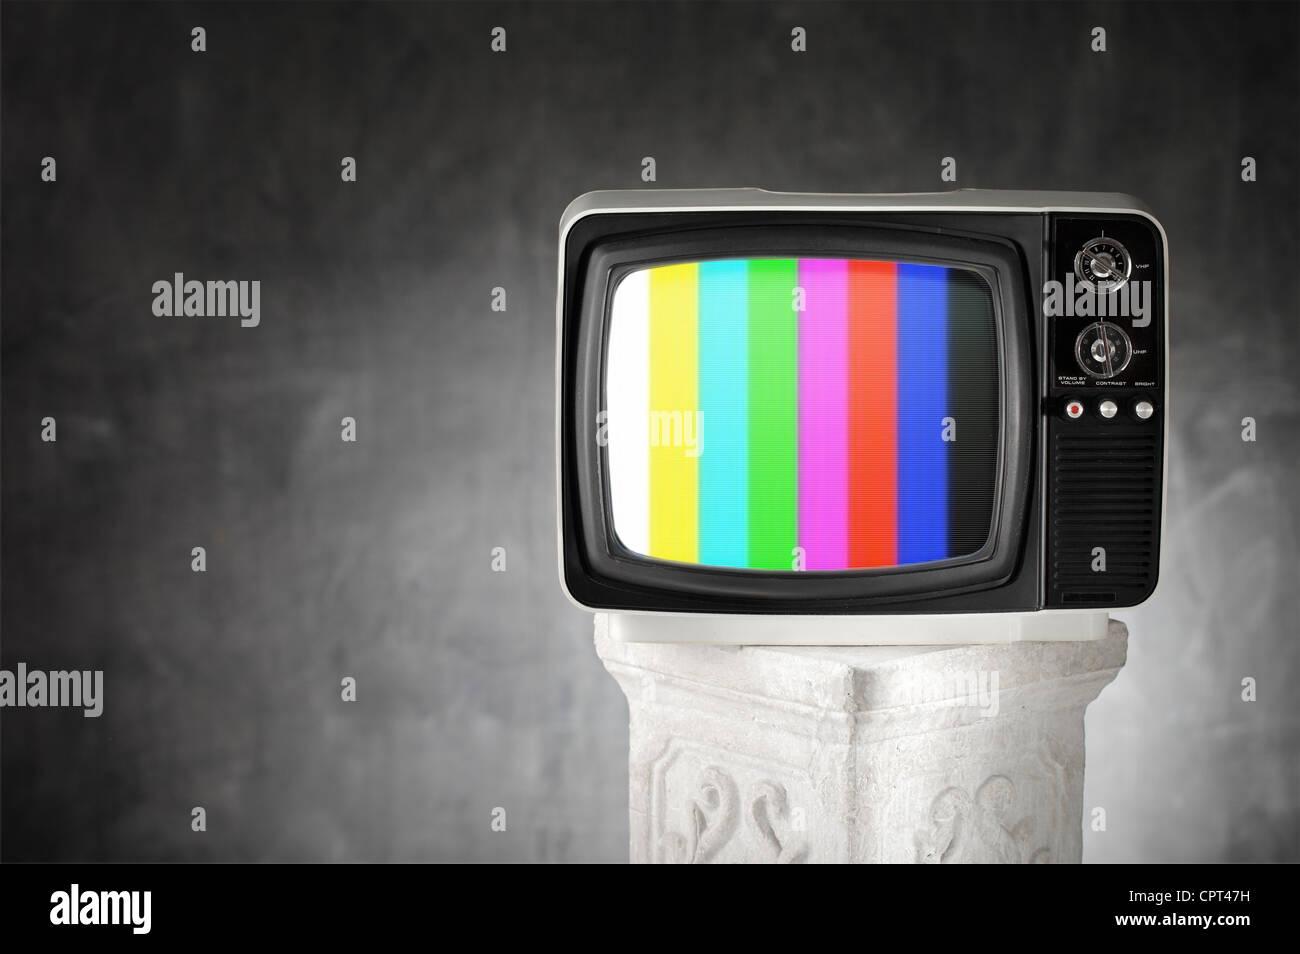 Vecchia televisione con barre di colore su di una colonna di gesso. Immagini Stock